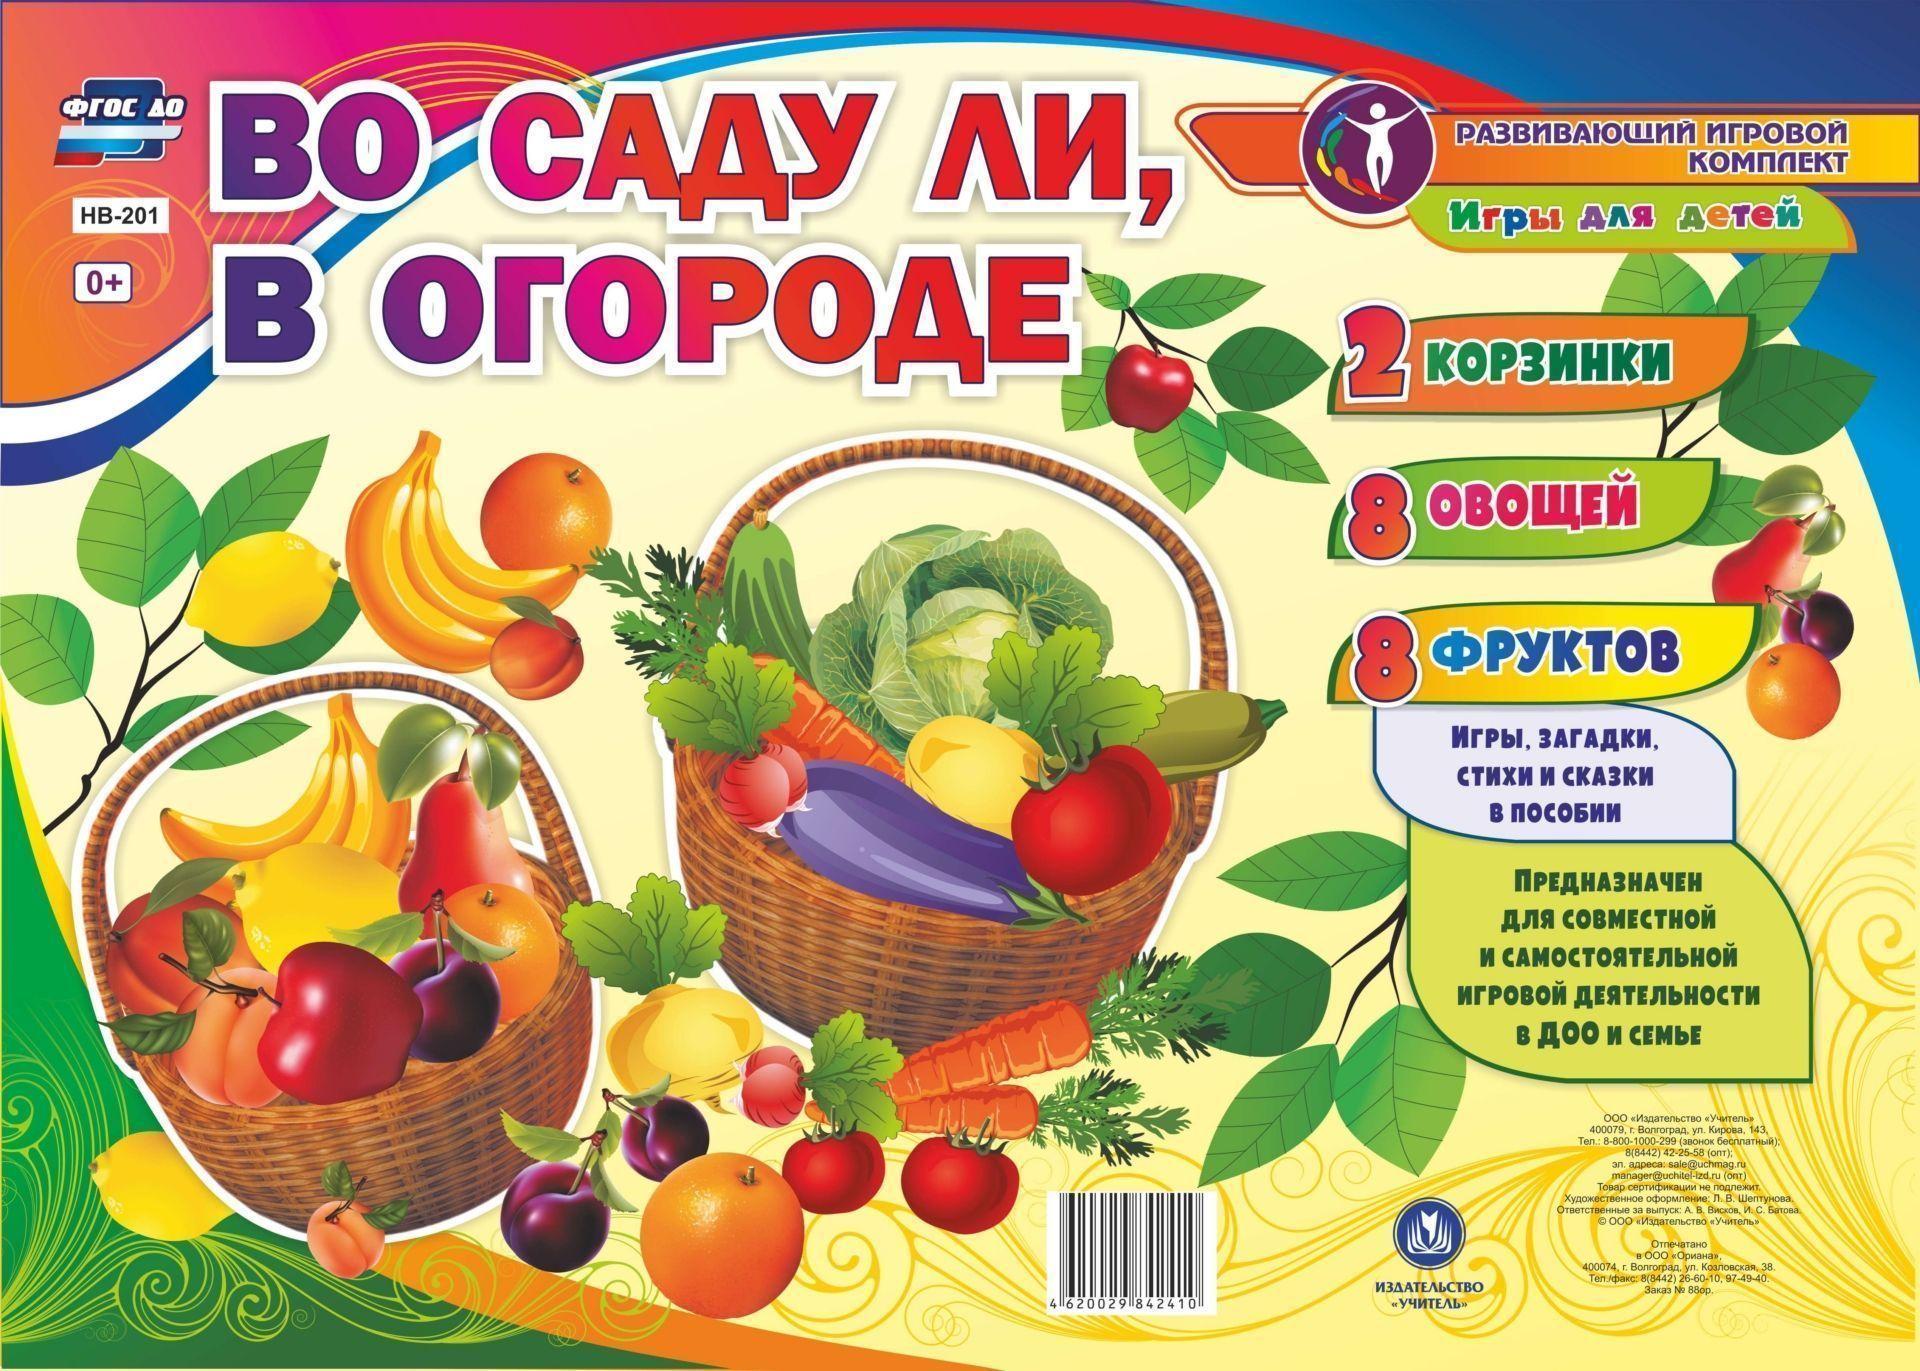 Дидактический обучащий комплект. Игры дл детей Во саду ли, в огороде: 2 корзины, 8 овощей, 8 фруктовВоспитател ДОО<br>Дидактический обучащий комплект вклчает игровой набор (2 корзинки, 8 овощей, 8 фруктов) и методические рекомендации с описанием сопровождени образовательной детельности педагога или родителей с детьми дошкольного возраста на основе содержани образова...<br><br>Авторы: Батова И.С.<br>Год: 2017<br>Сери: Развиващий игровой комплект<br>Высота: 460<br>Ширина: 320<br>Переплёт: набор